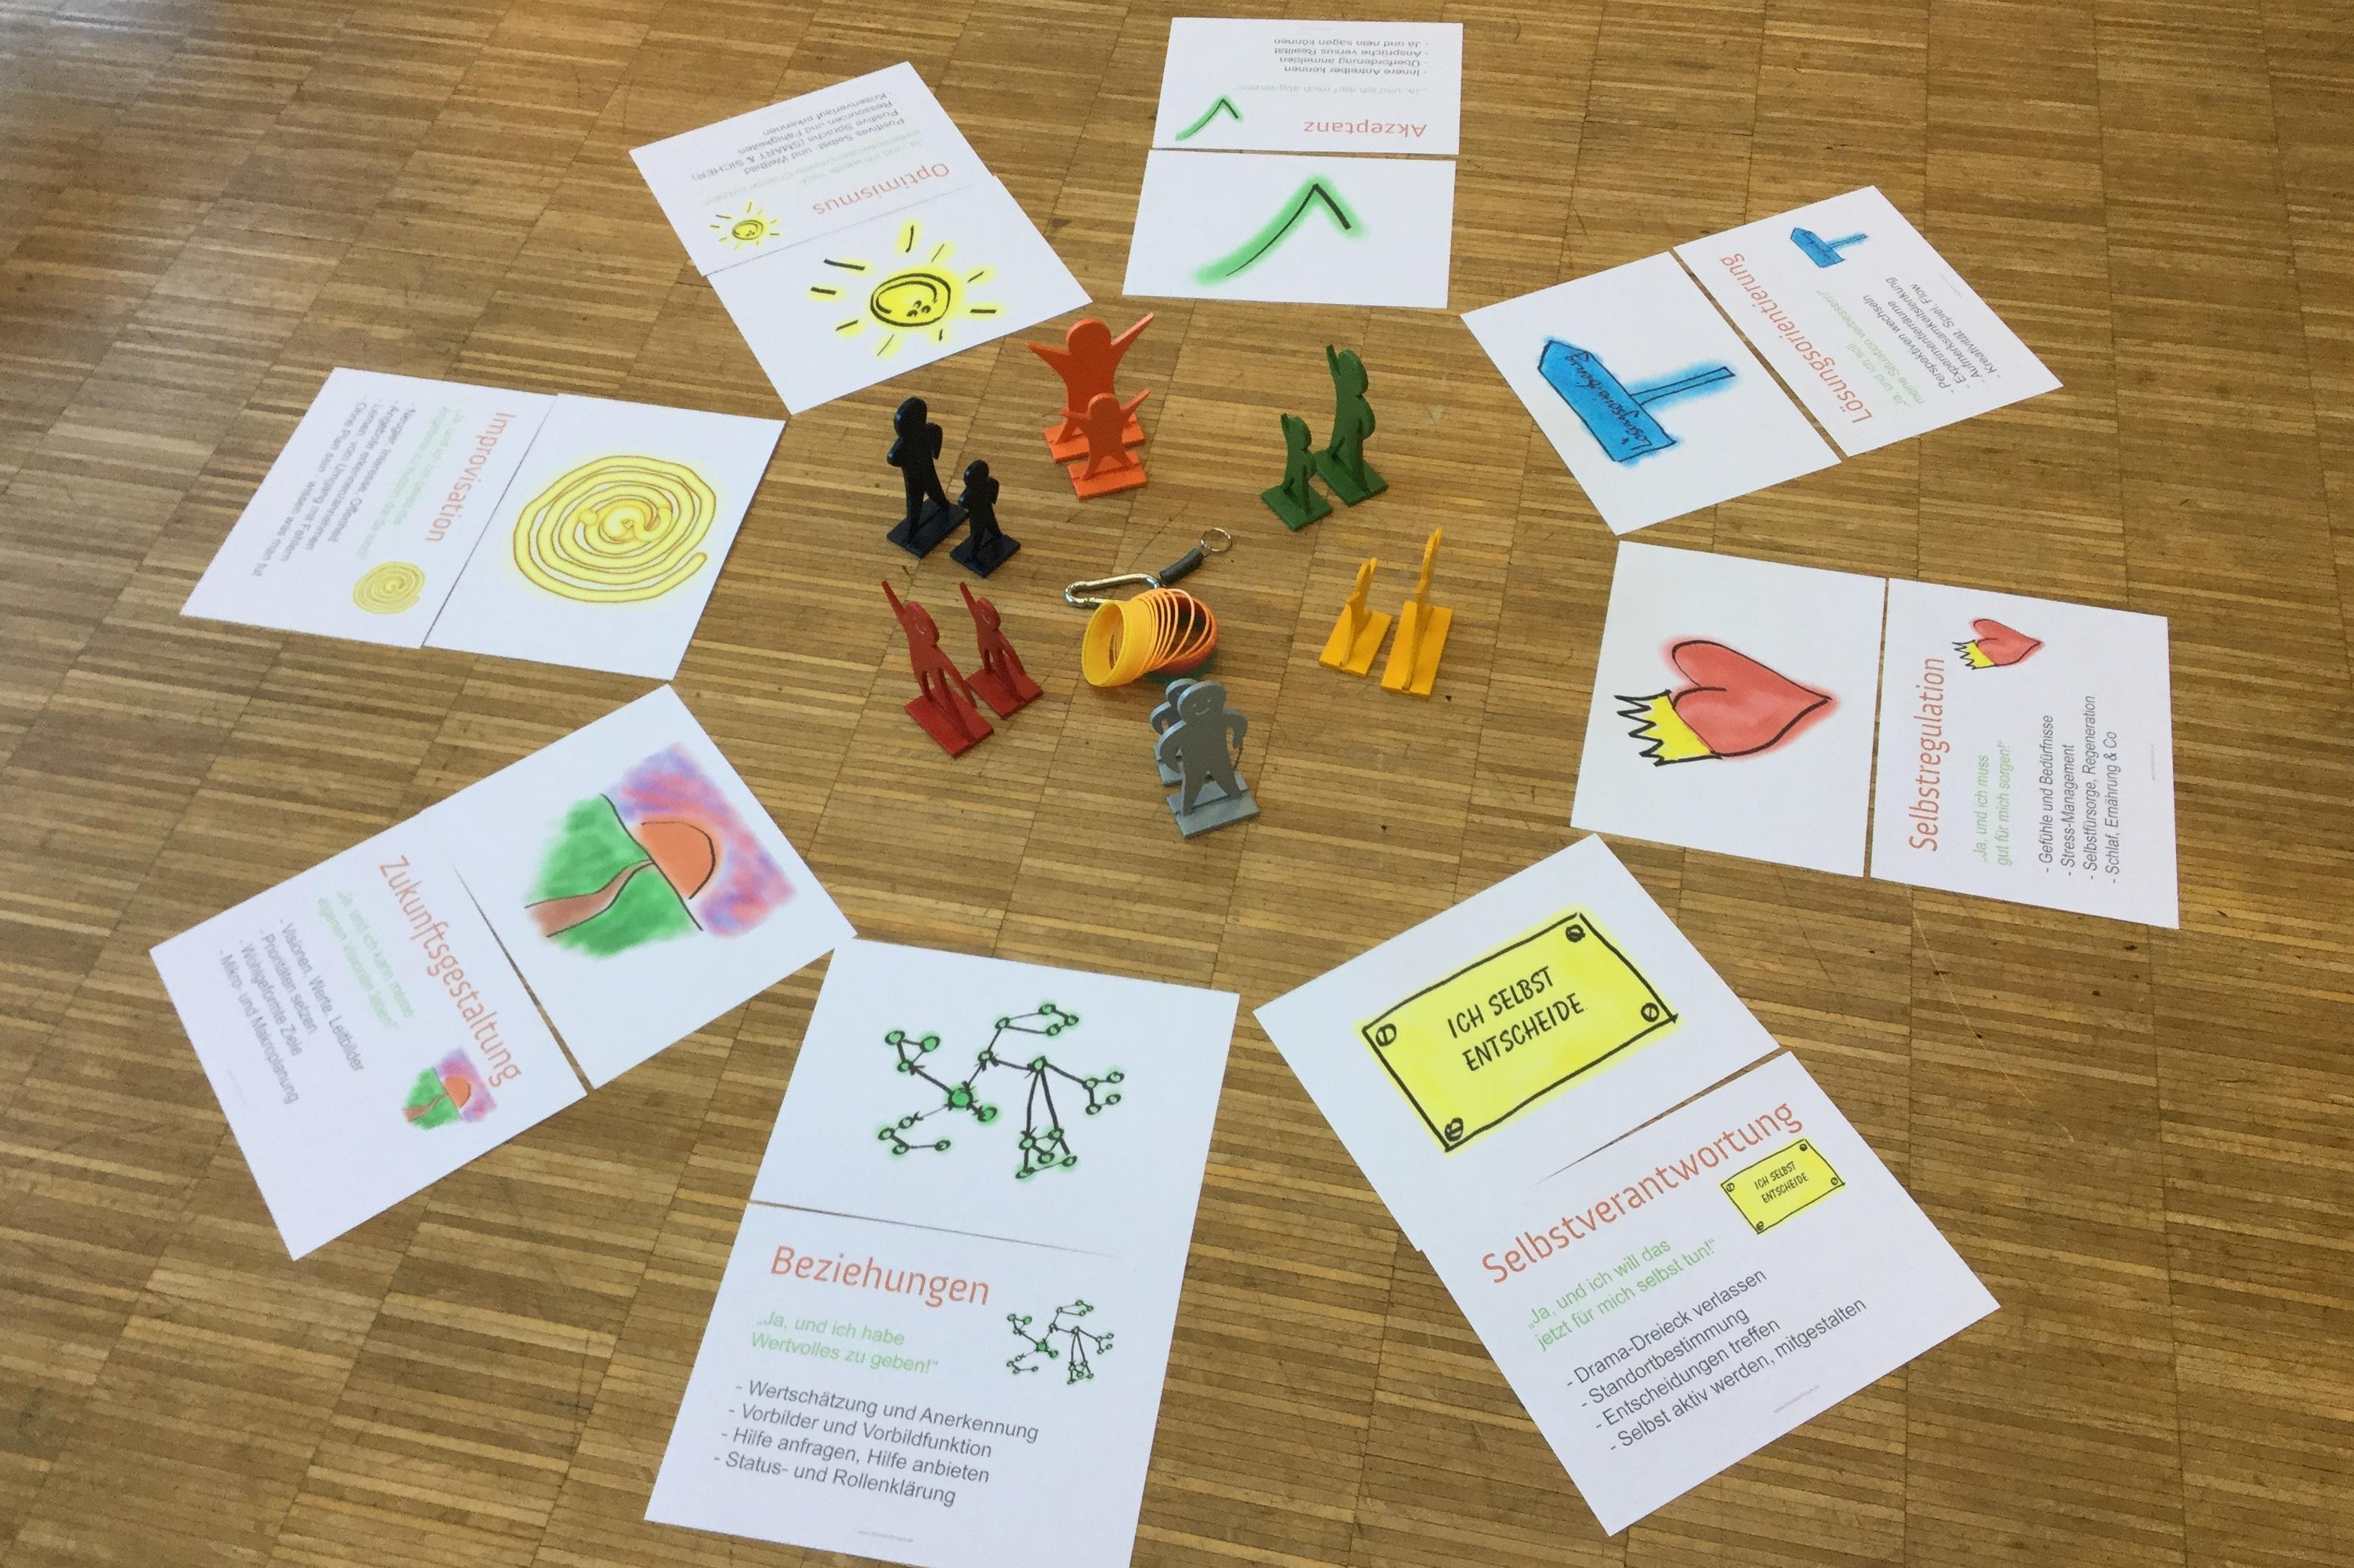 Resilienz-Zirkel-Training RZT Ausbildung